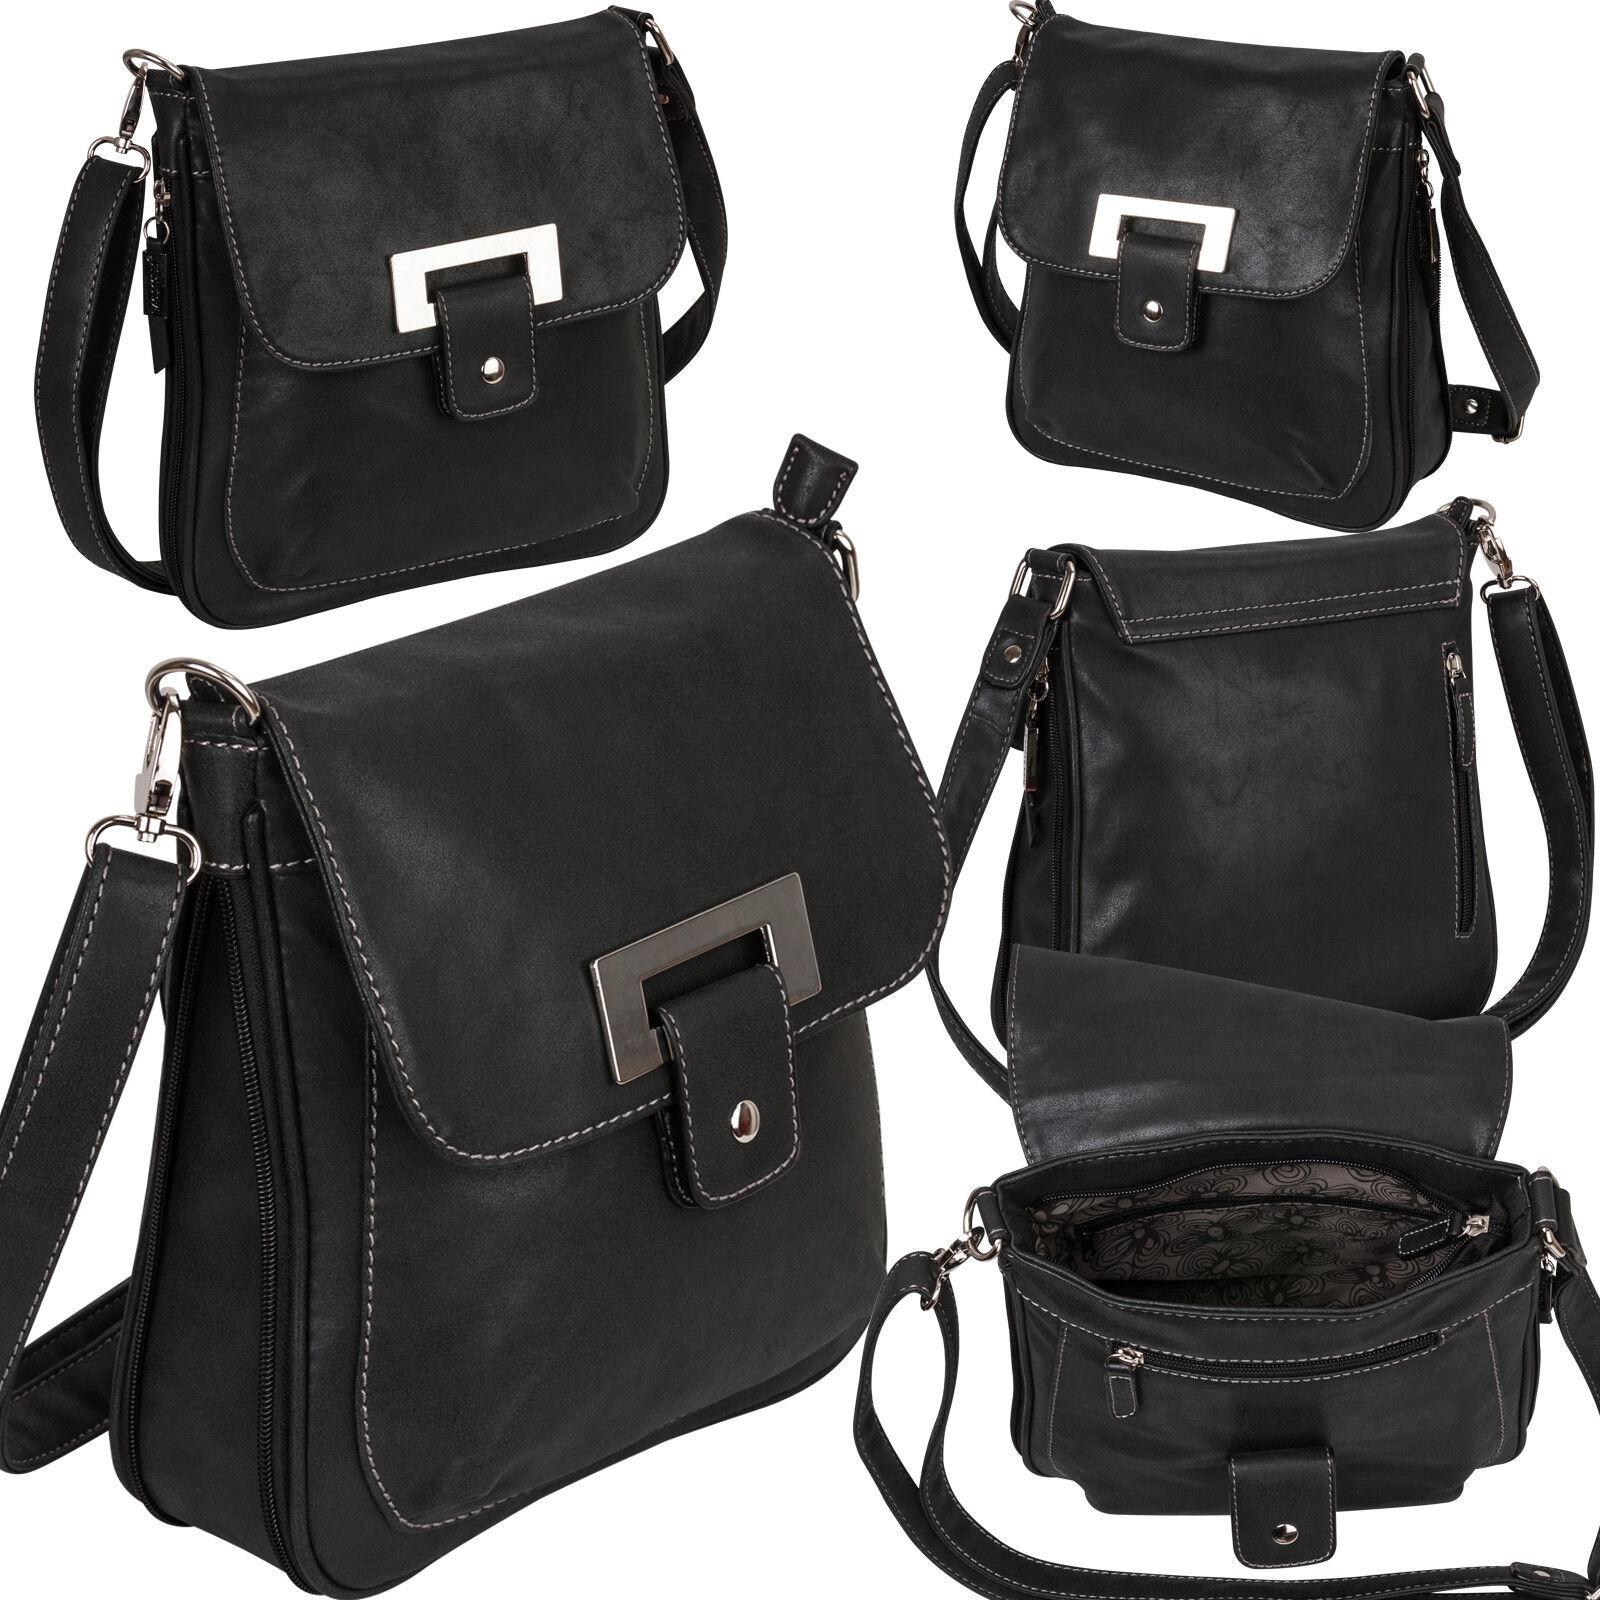 Bag Street Damentasche Umhängetasche Handtasche Schultertasche K2 T0101 Schwarz